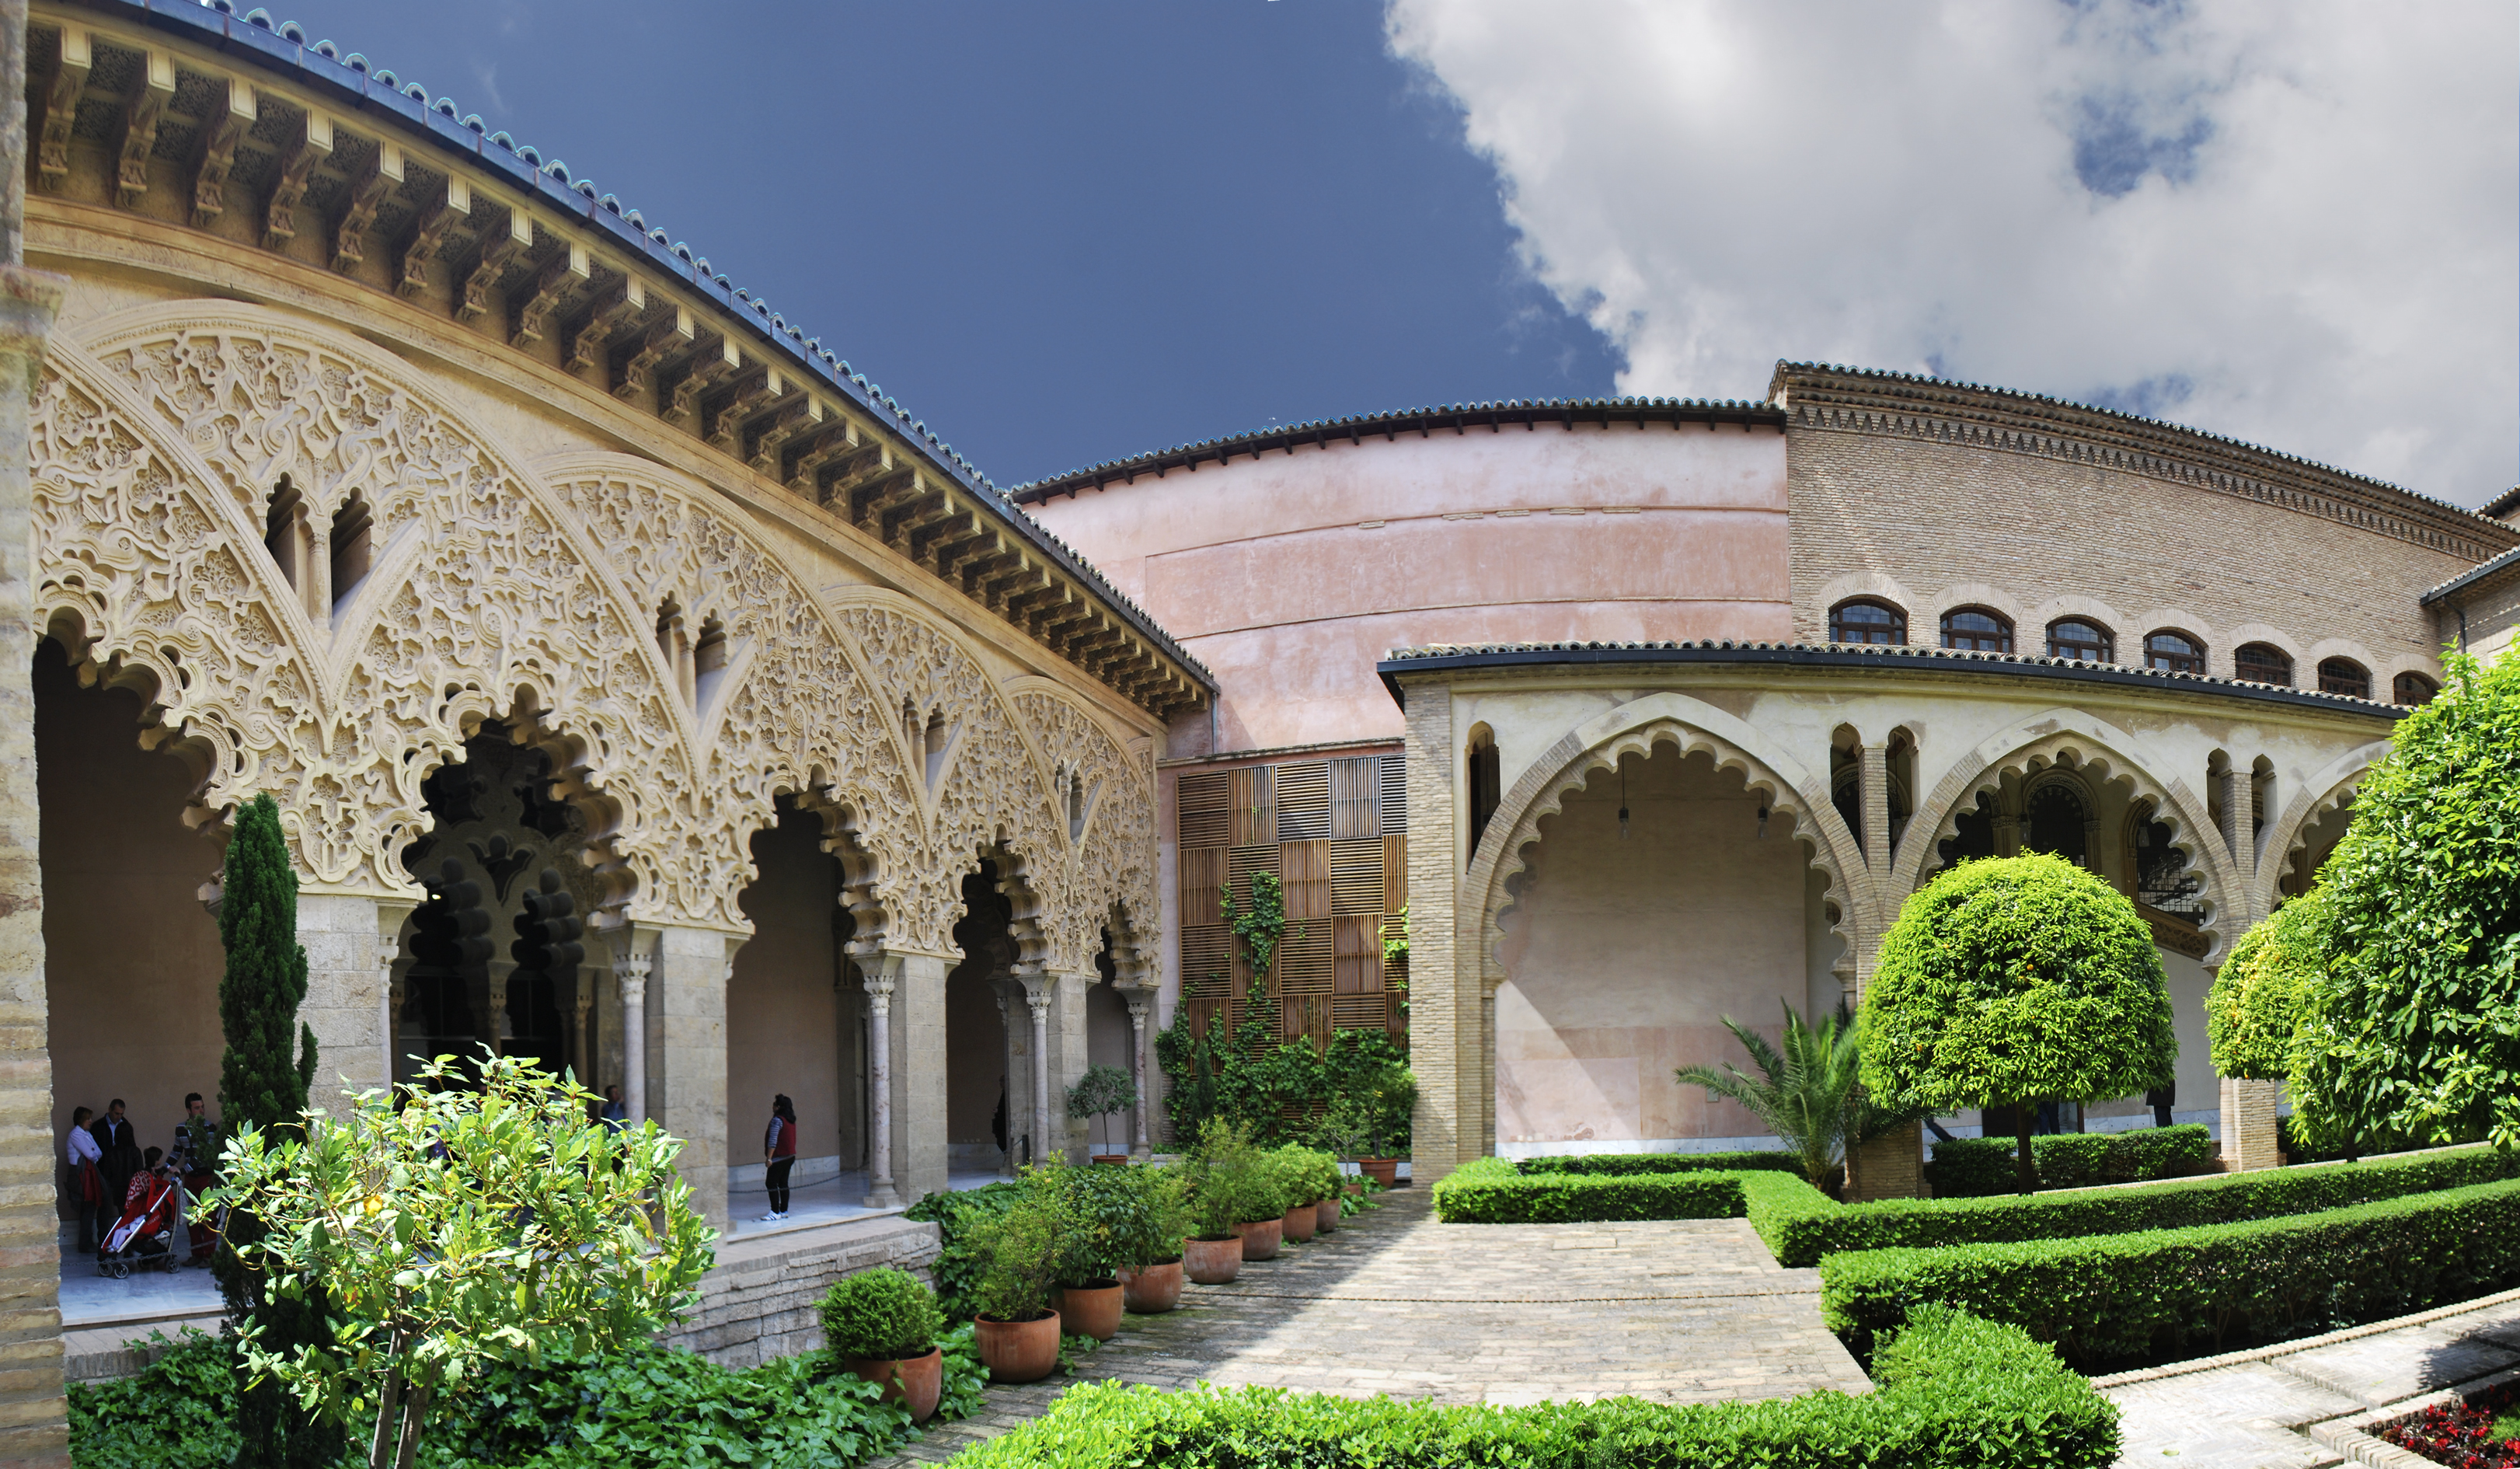 Patio de Santa Isabel / Santa Isabel Courtyard (Palacio de la Aljaferia, Zara...